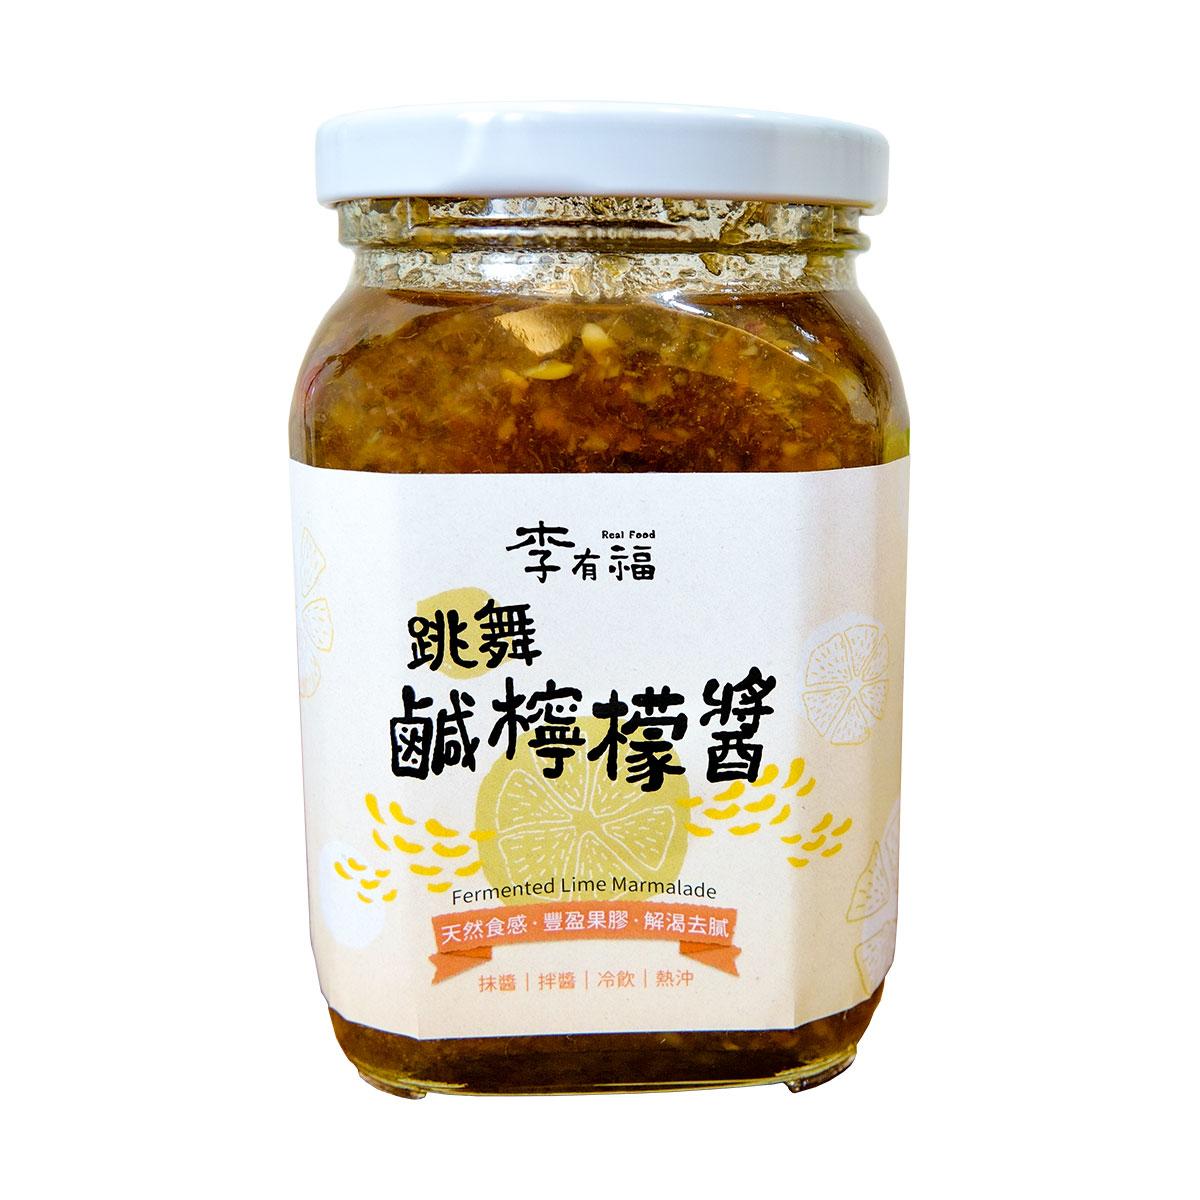 《李有福》跳舞鹹檸檬醬 (470g/瓶),,鹹甜滋味,隨心運用,讓您享受好滋味,20210326002,《李有福》跳舞鹹檸檬醬(470g/瓶),